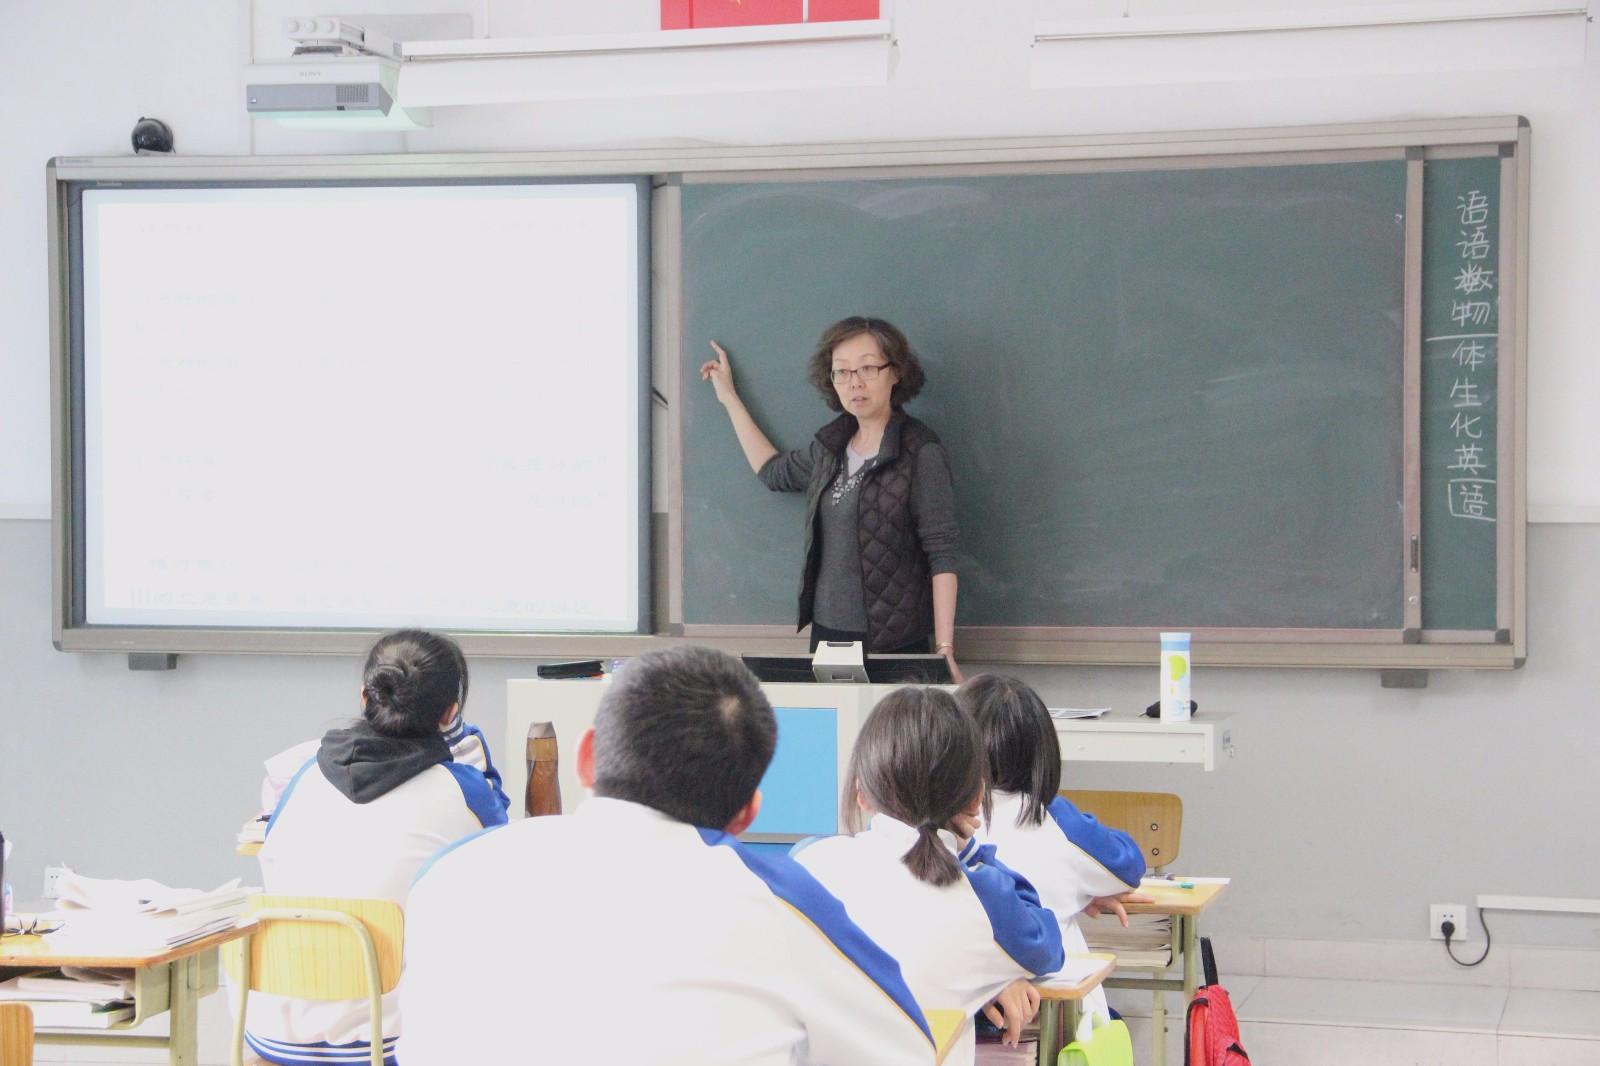 夏培秀老师在上课.jpg